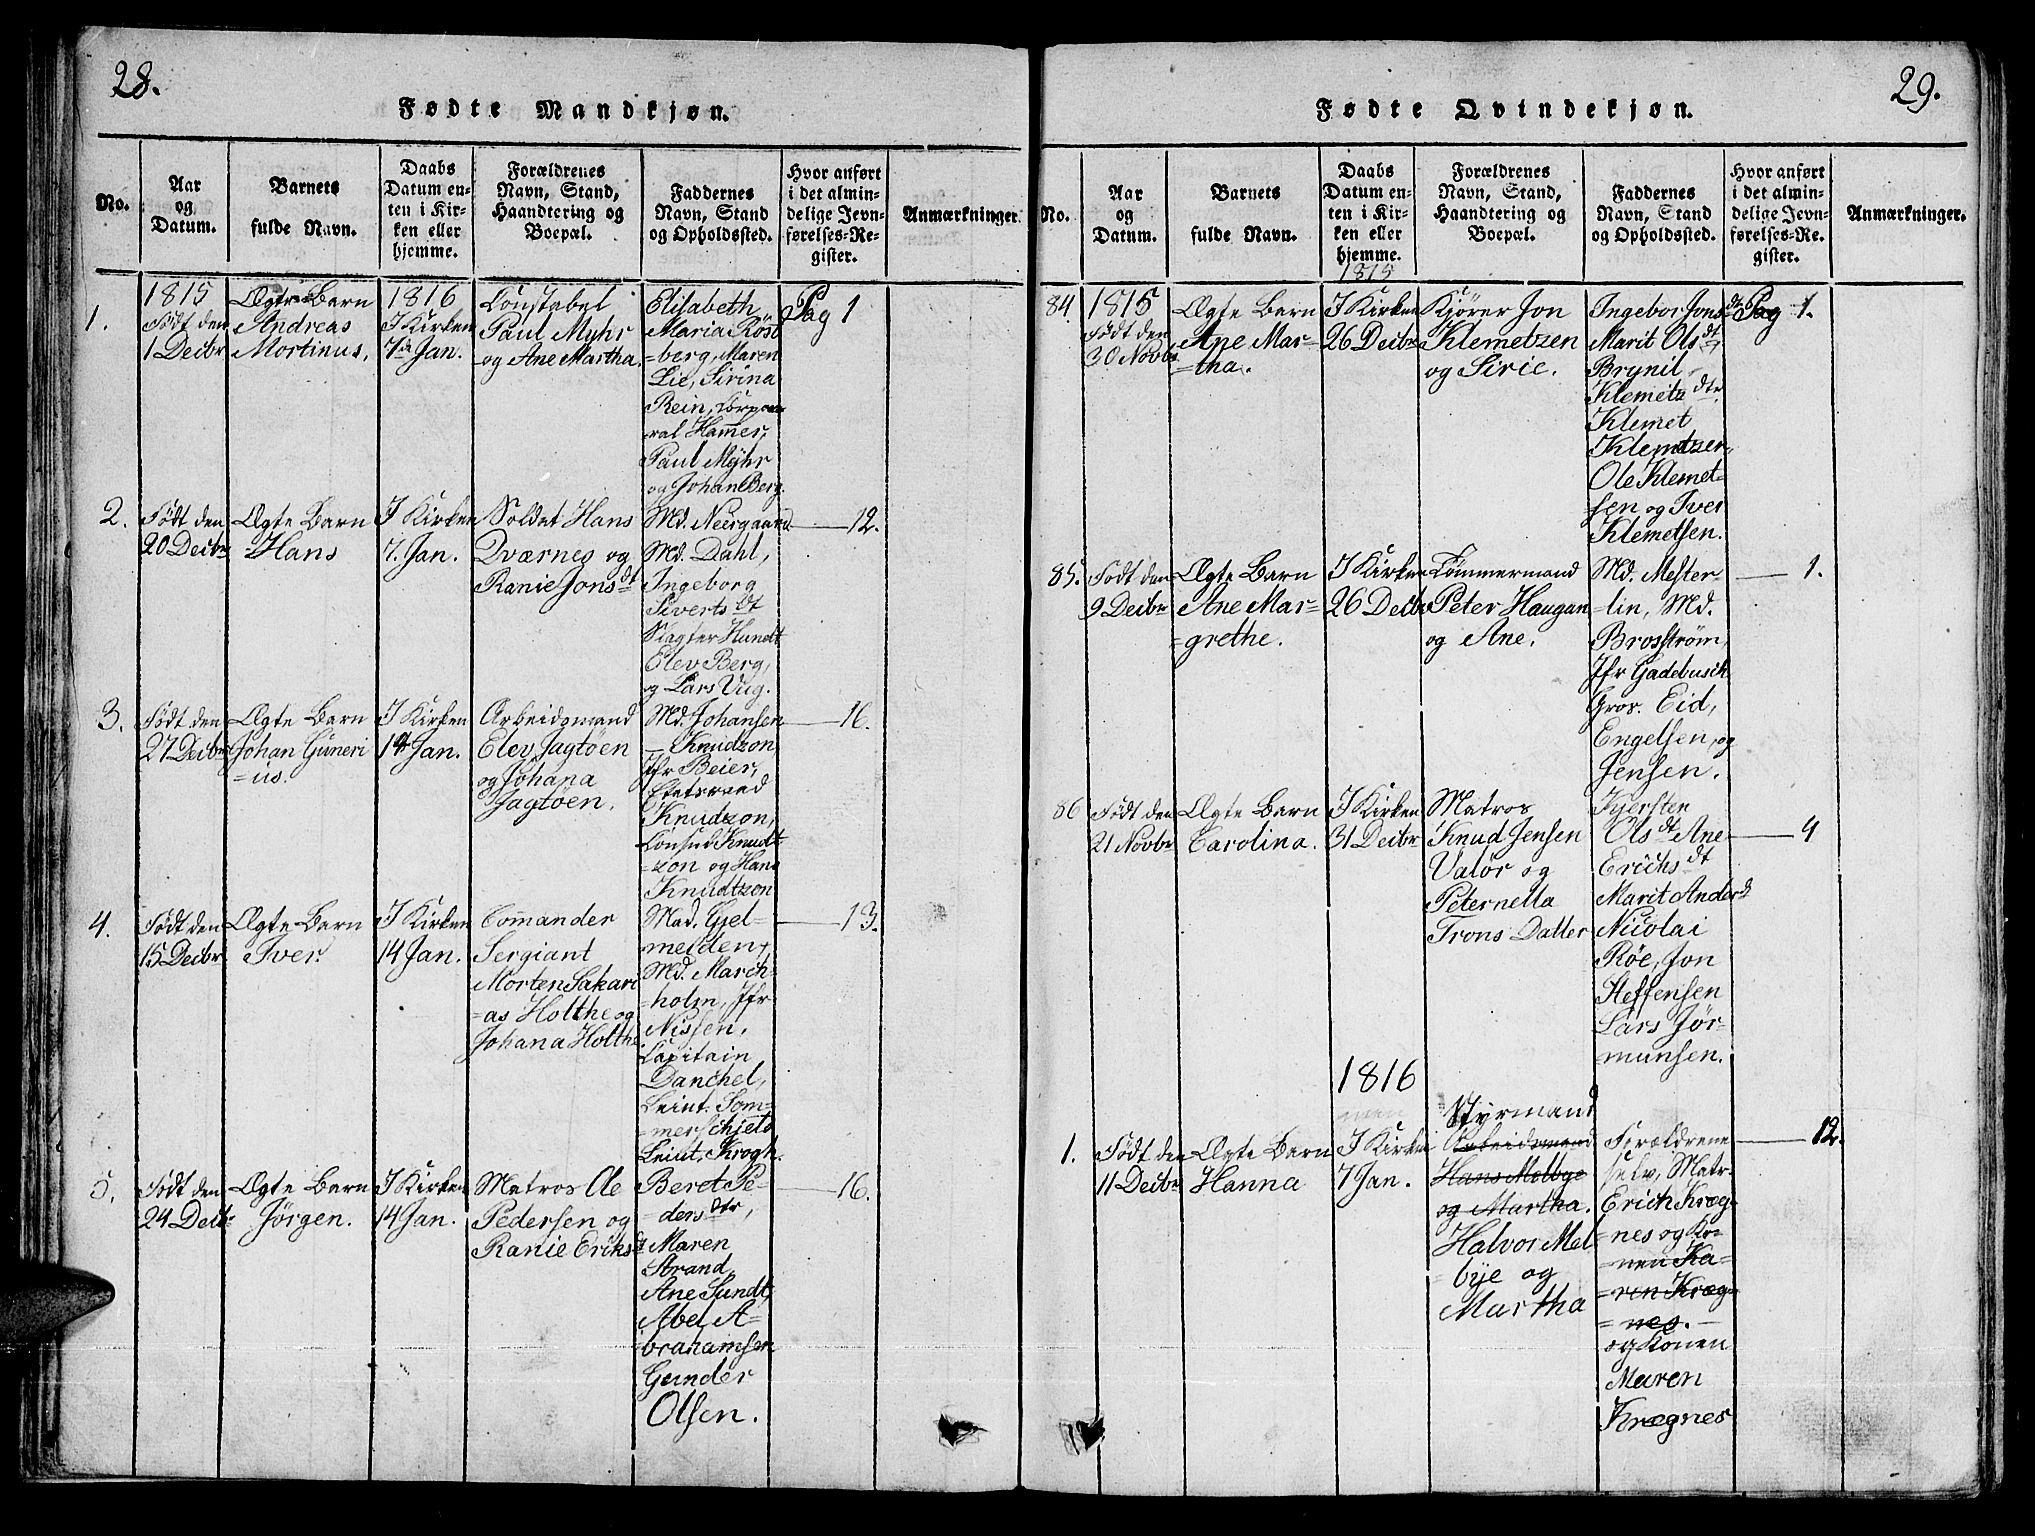 SAT, Ministerialprotokoller, klokkerbøker og fødselsregistre - Sør-Trøndelag, 601/L0043: Ministerialbok nr. 601A11, 1815-1821, s. 28-29